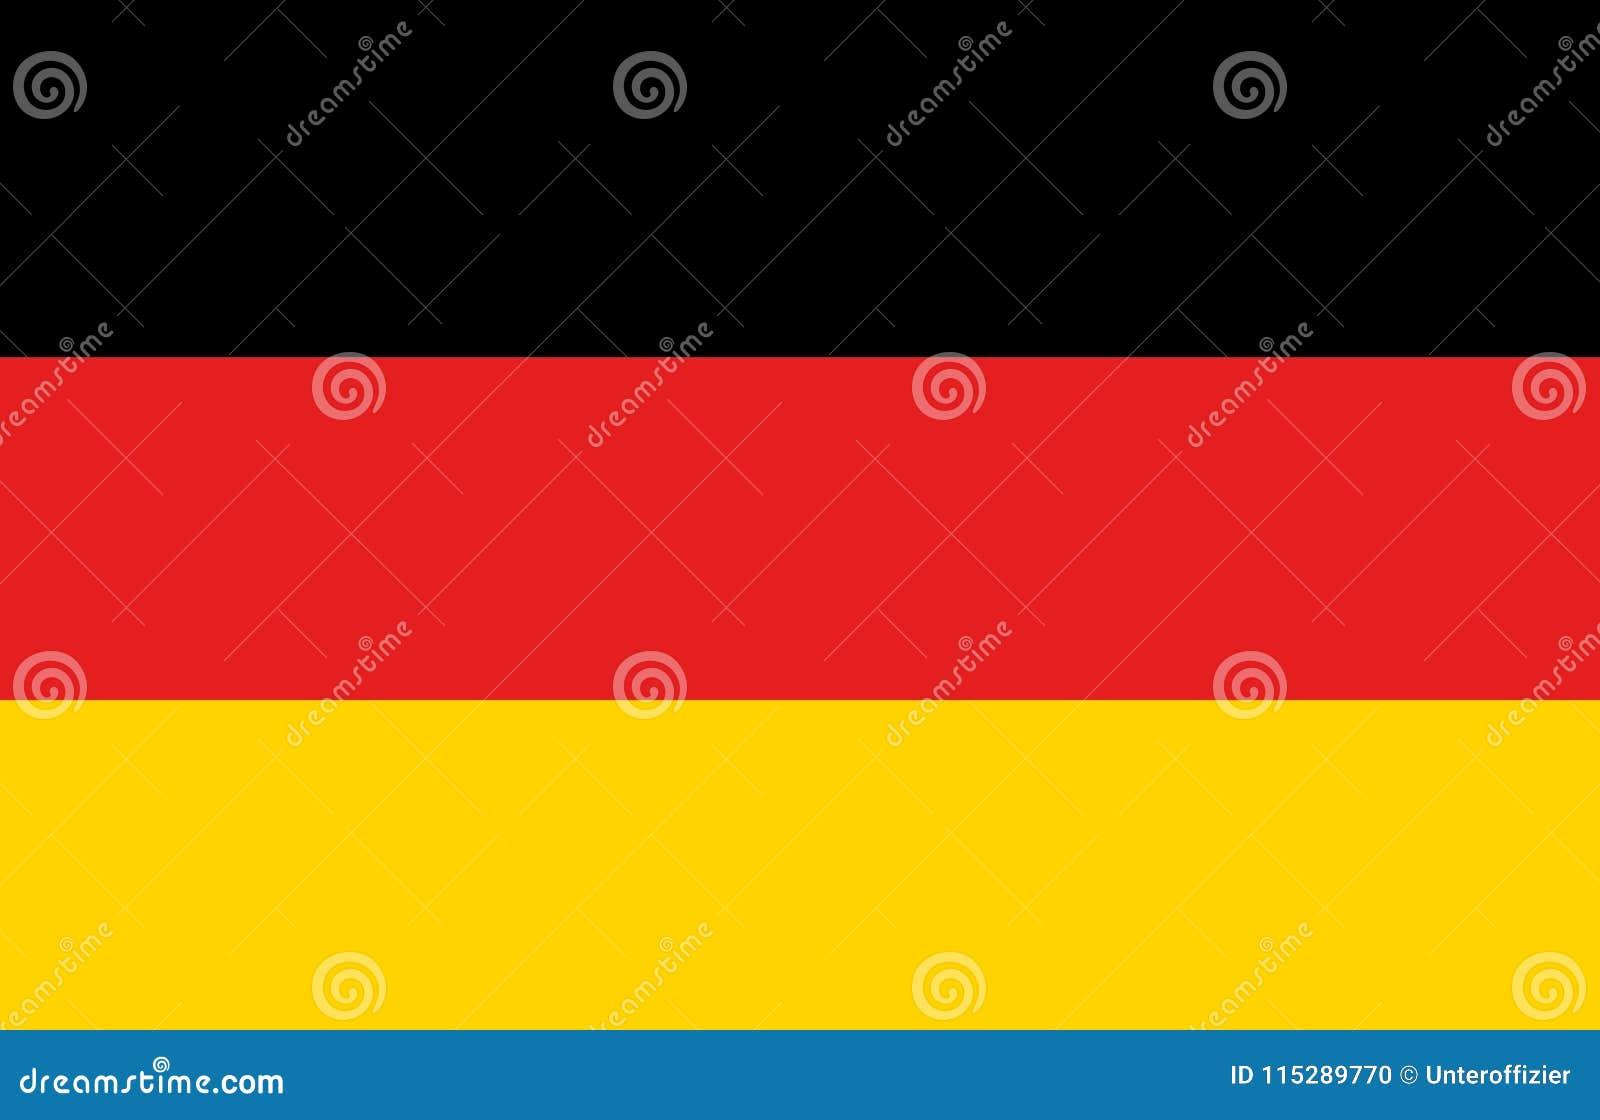 Компьютер произвел иллюстрацию графиков флага Германии